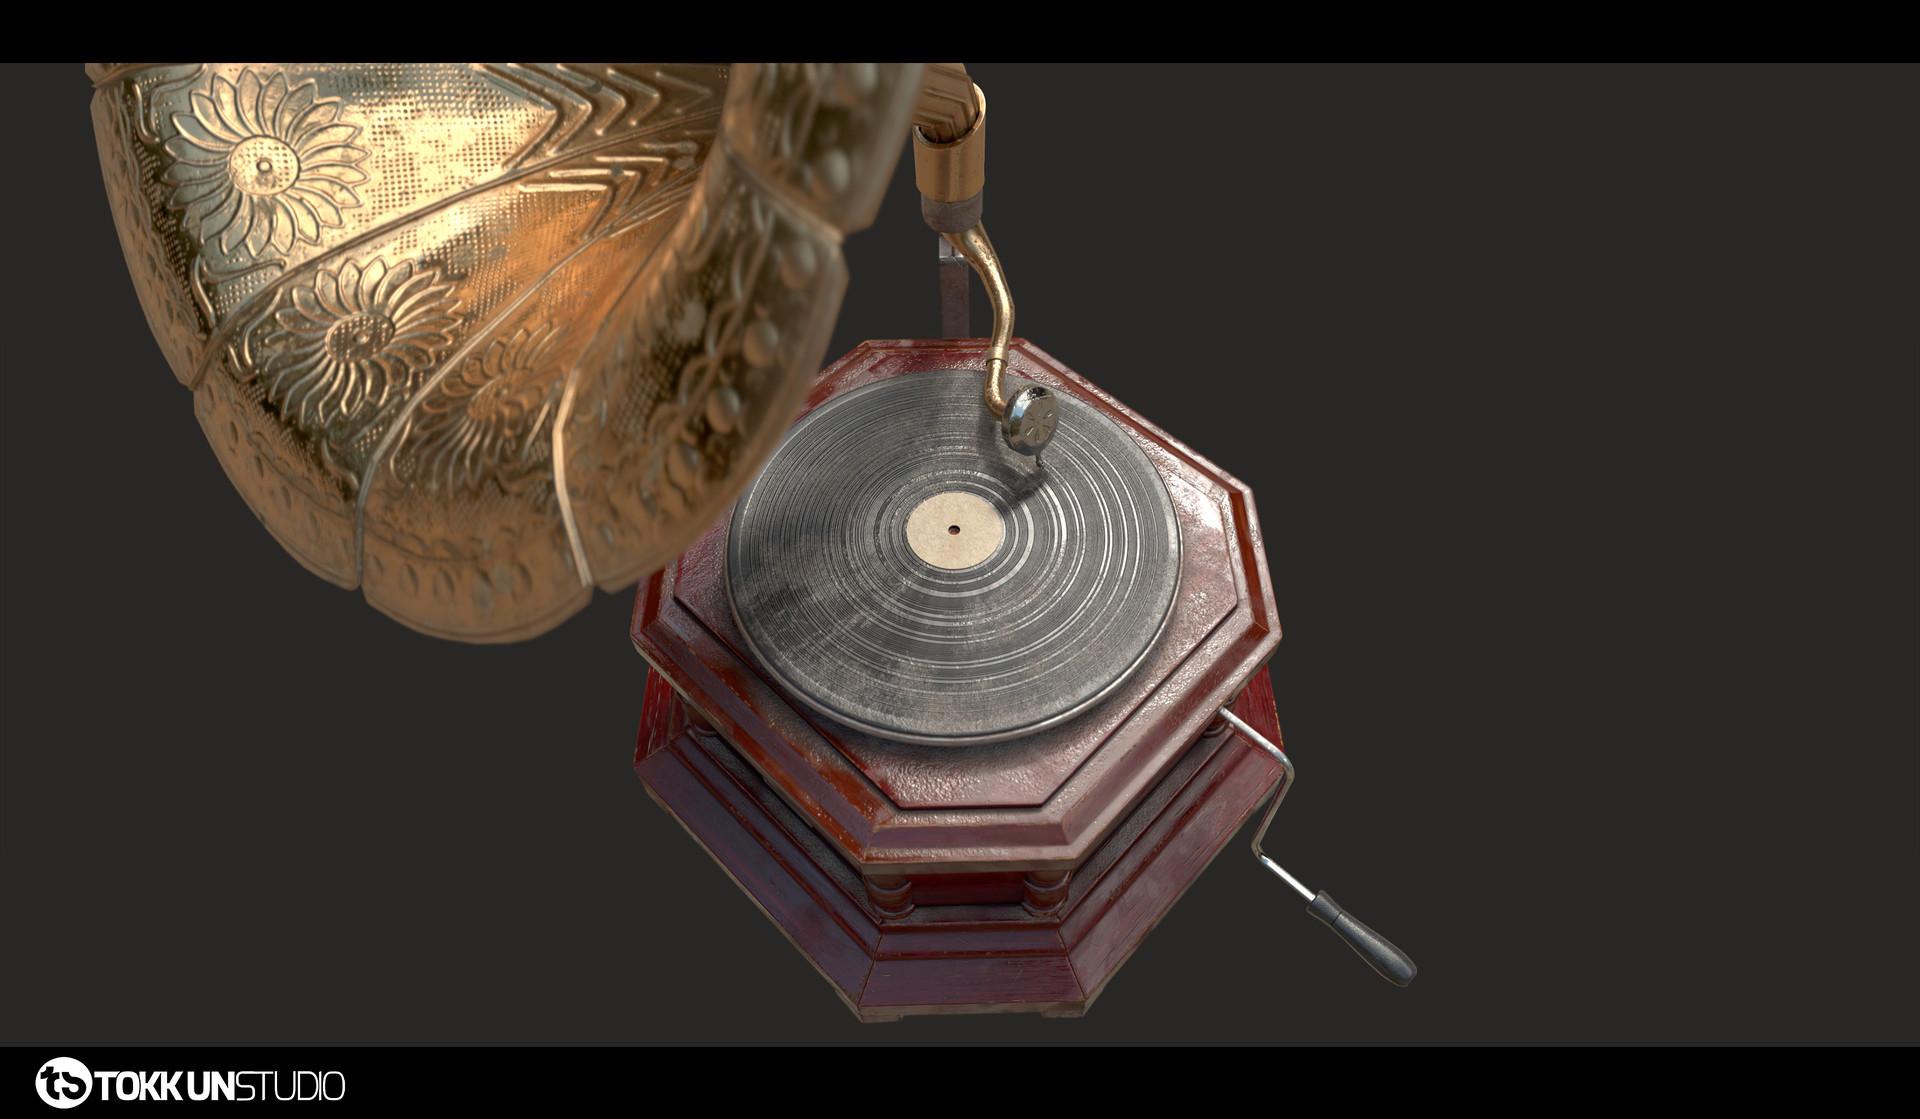 Tokkun studio tokkunstudio gramophone 05